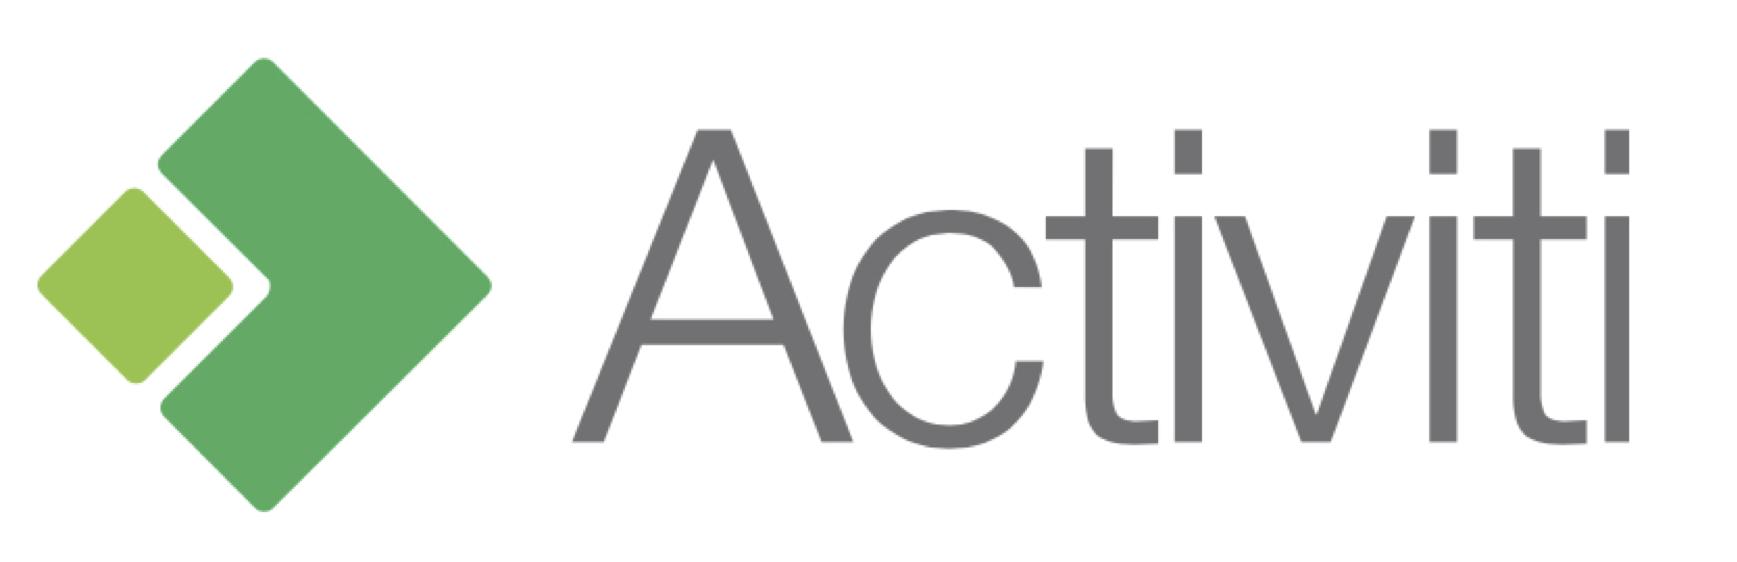 نرم افزار Activiti